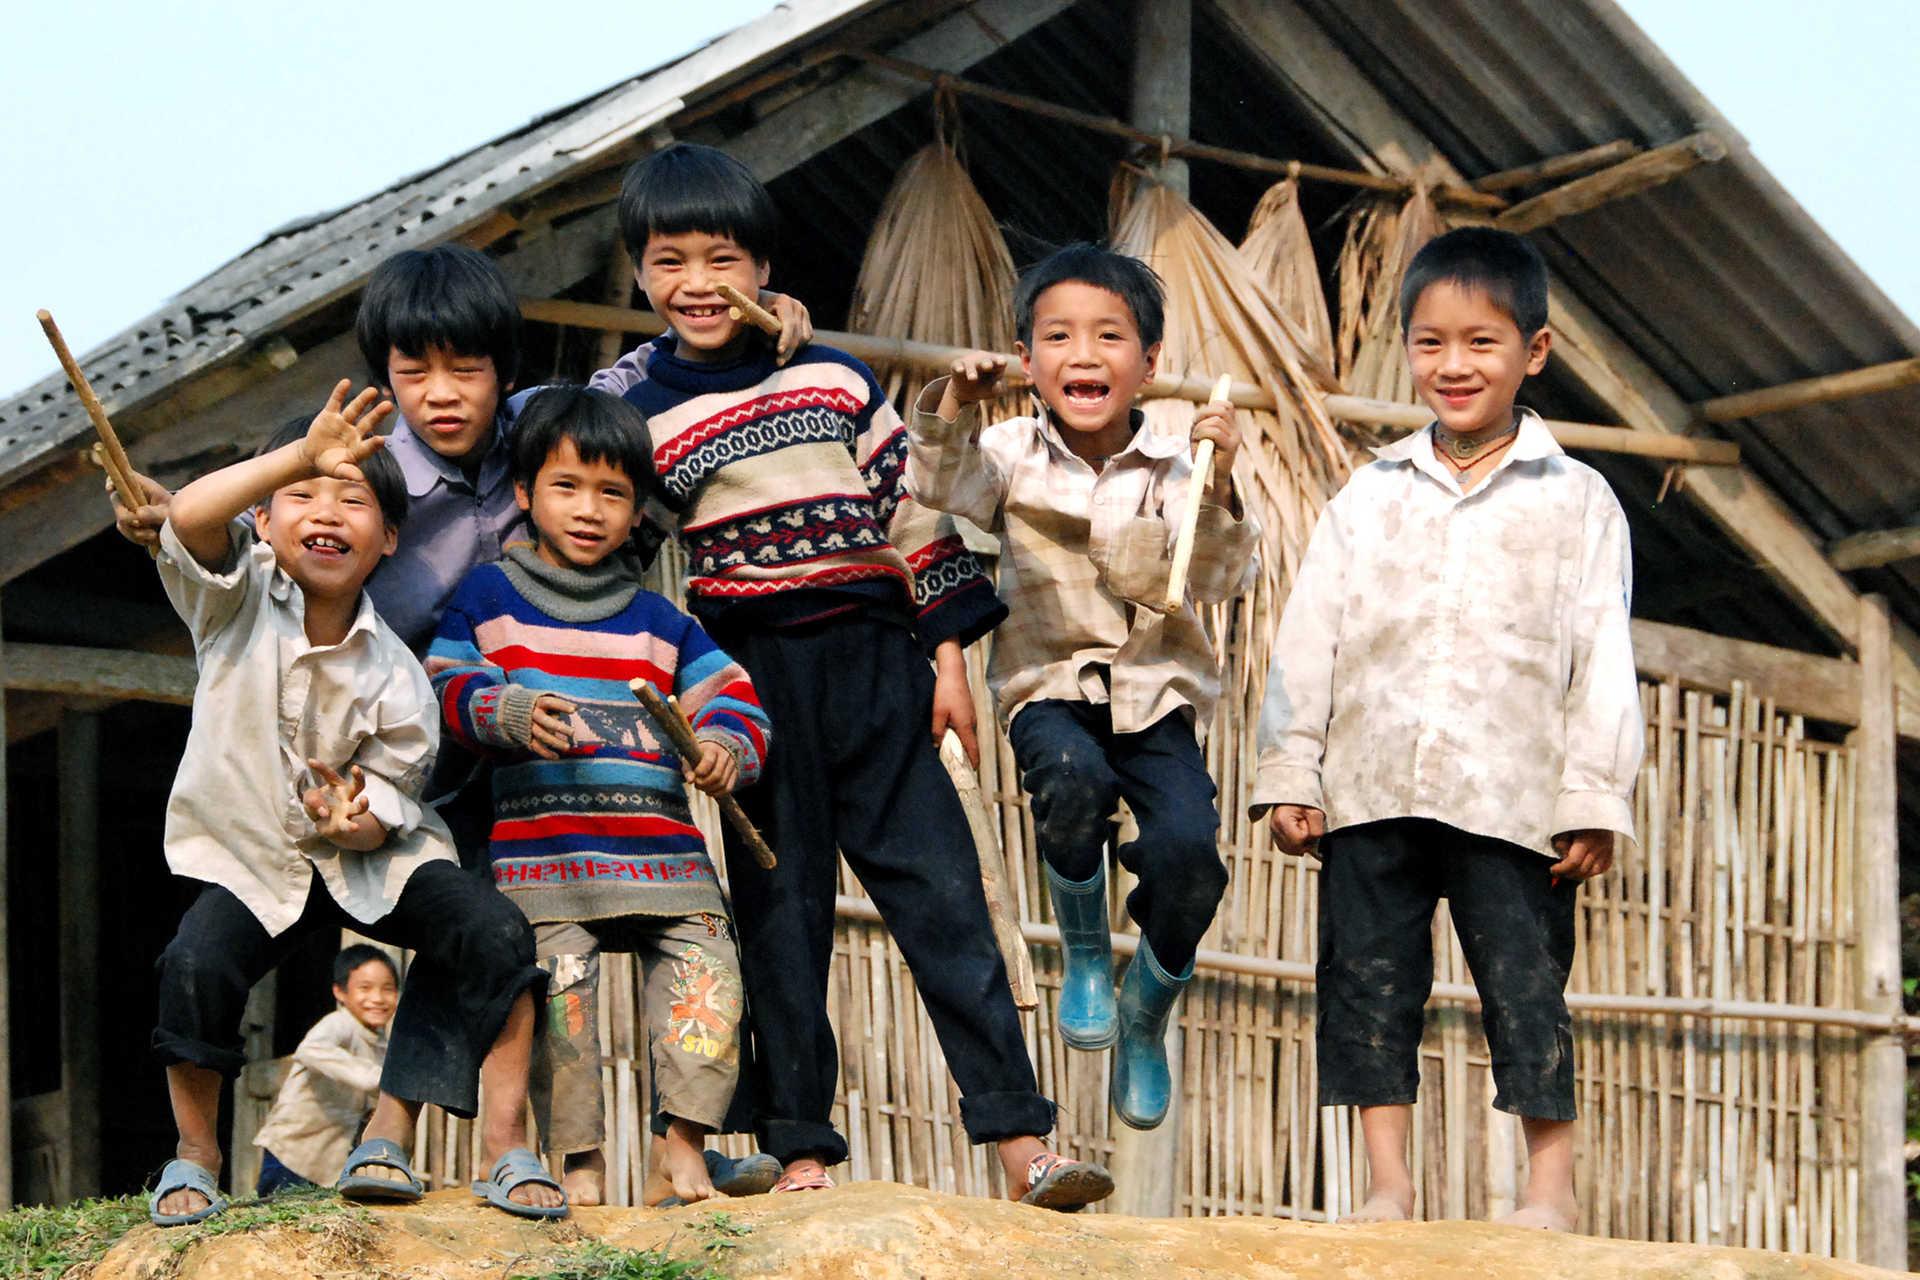 Groupe d'enfants jouant devant une maison traditionnelle au Vietnam